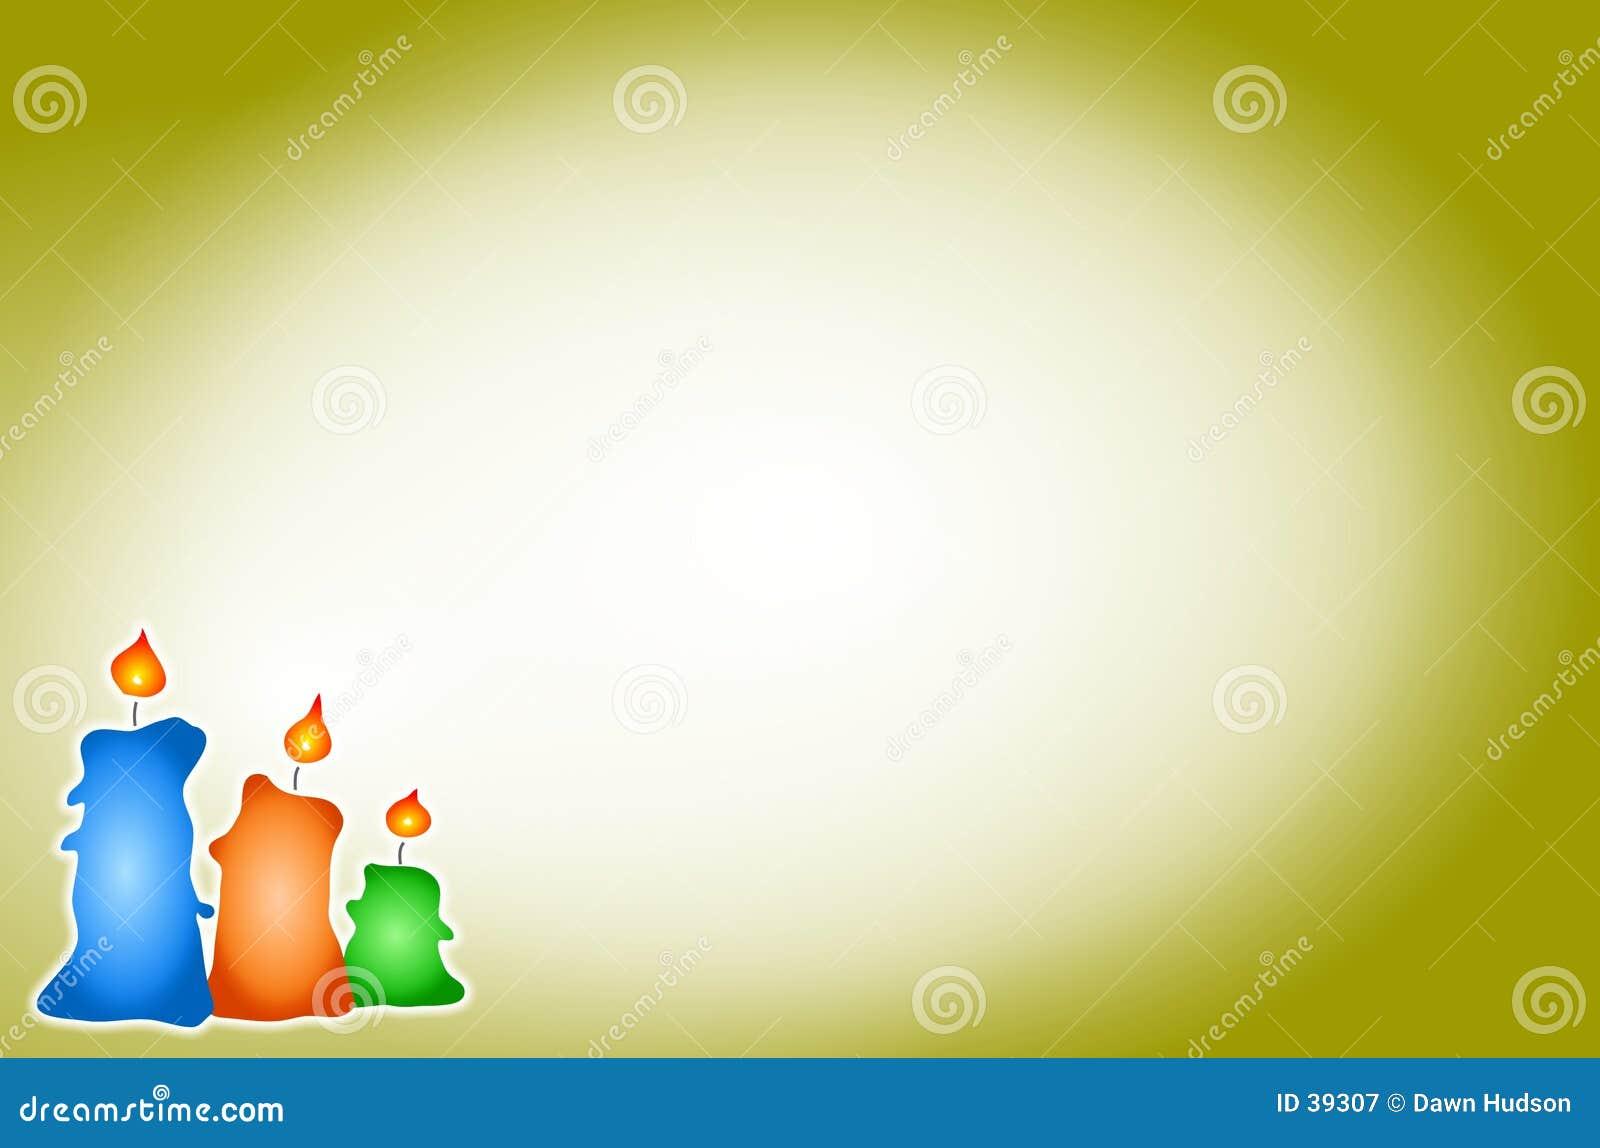 Kerzen Hintergrund-